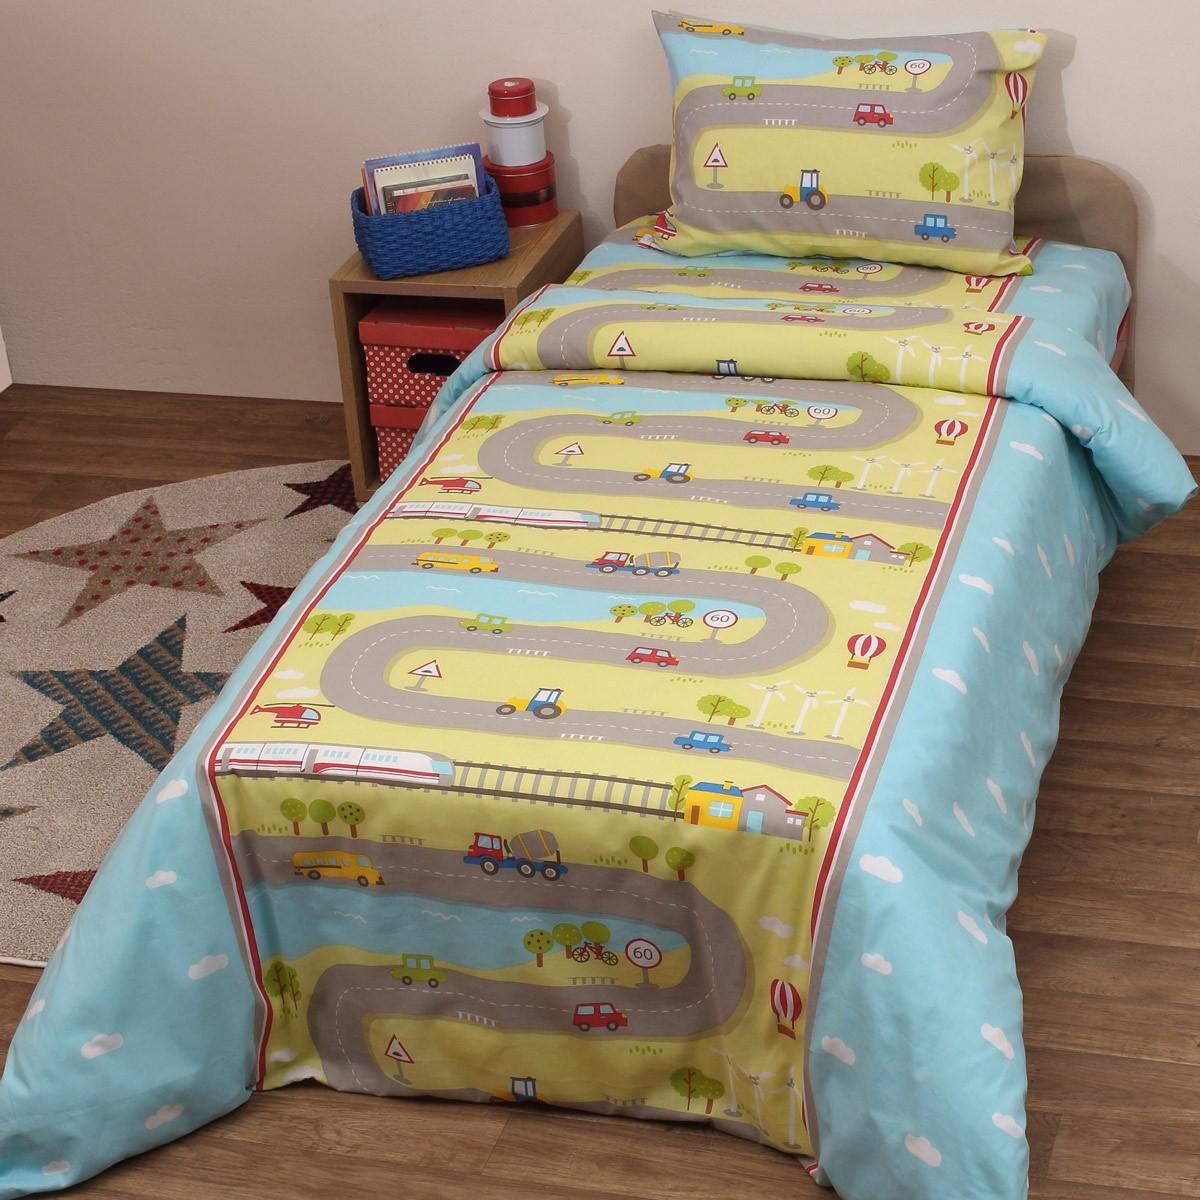 Παπλωματοθήκη Κούνιας (Σετ) Viopros Baby Cotton Ρίβερ home   βρεφικά   παπλωματοθήκες βρεφικές